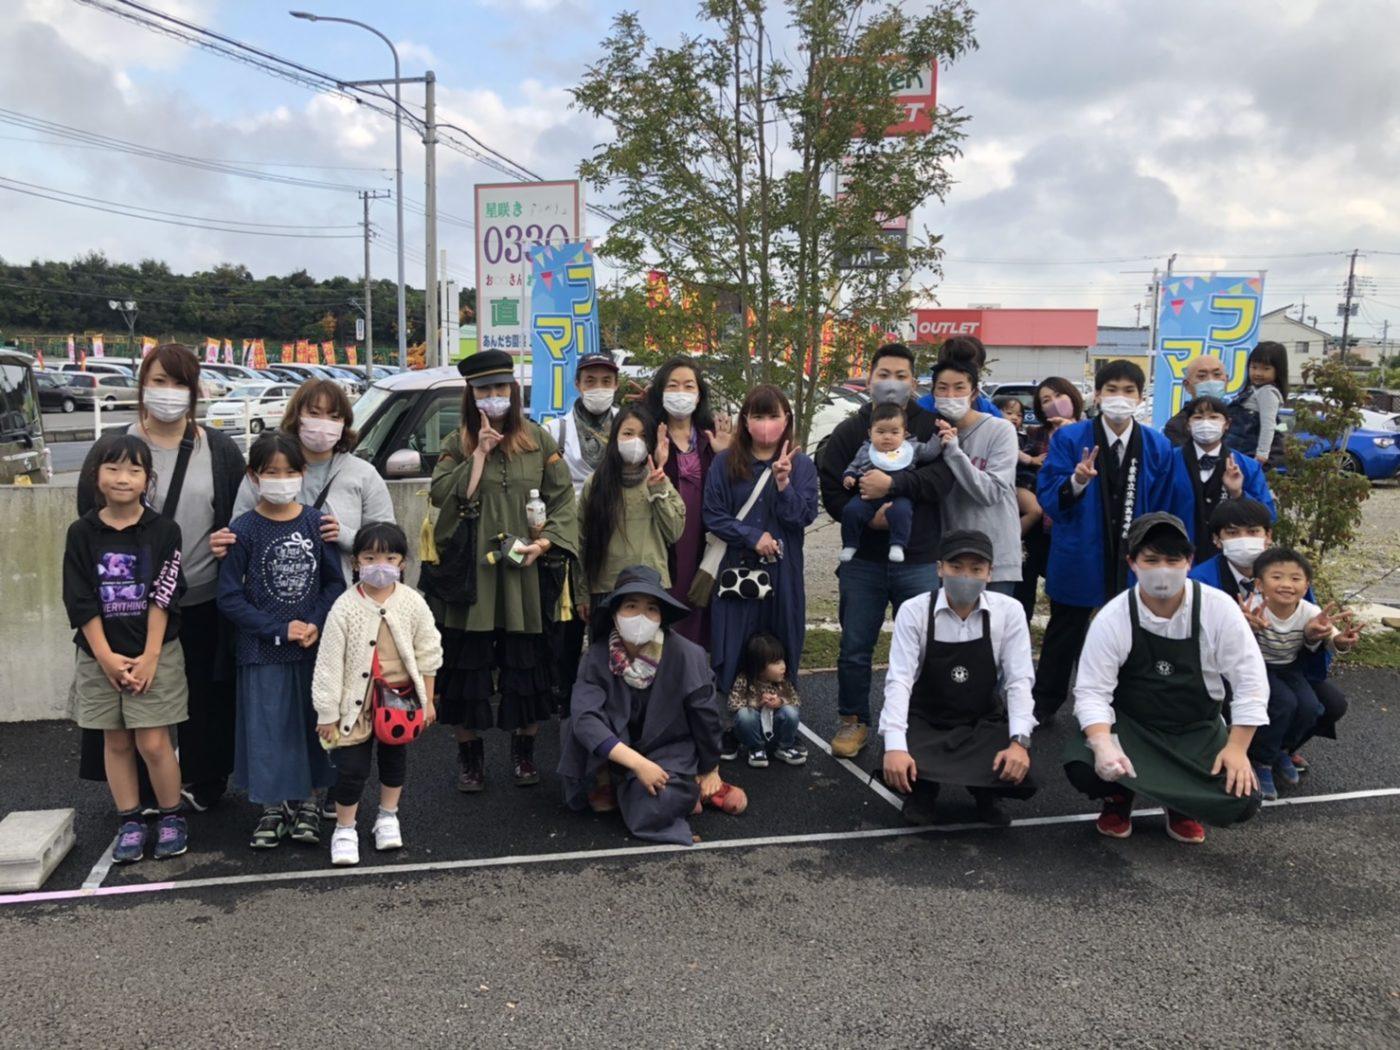 【2020年11月3日(祝)】千葉南店チャリティフリーマーケットイベントレポート